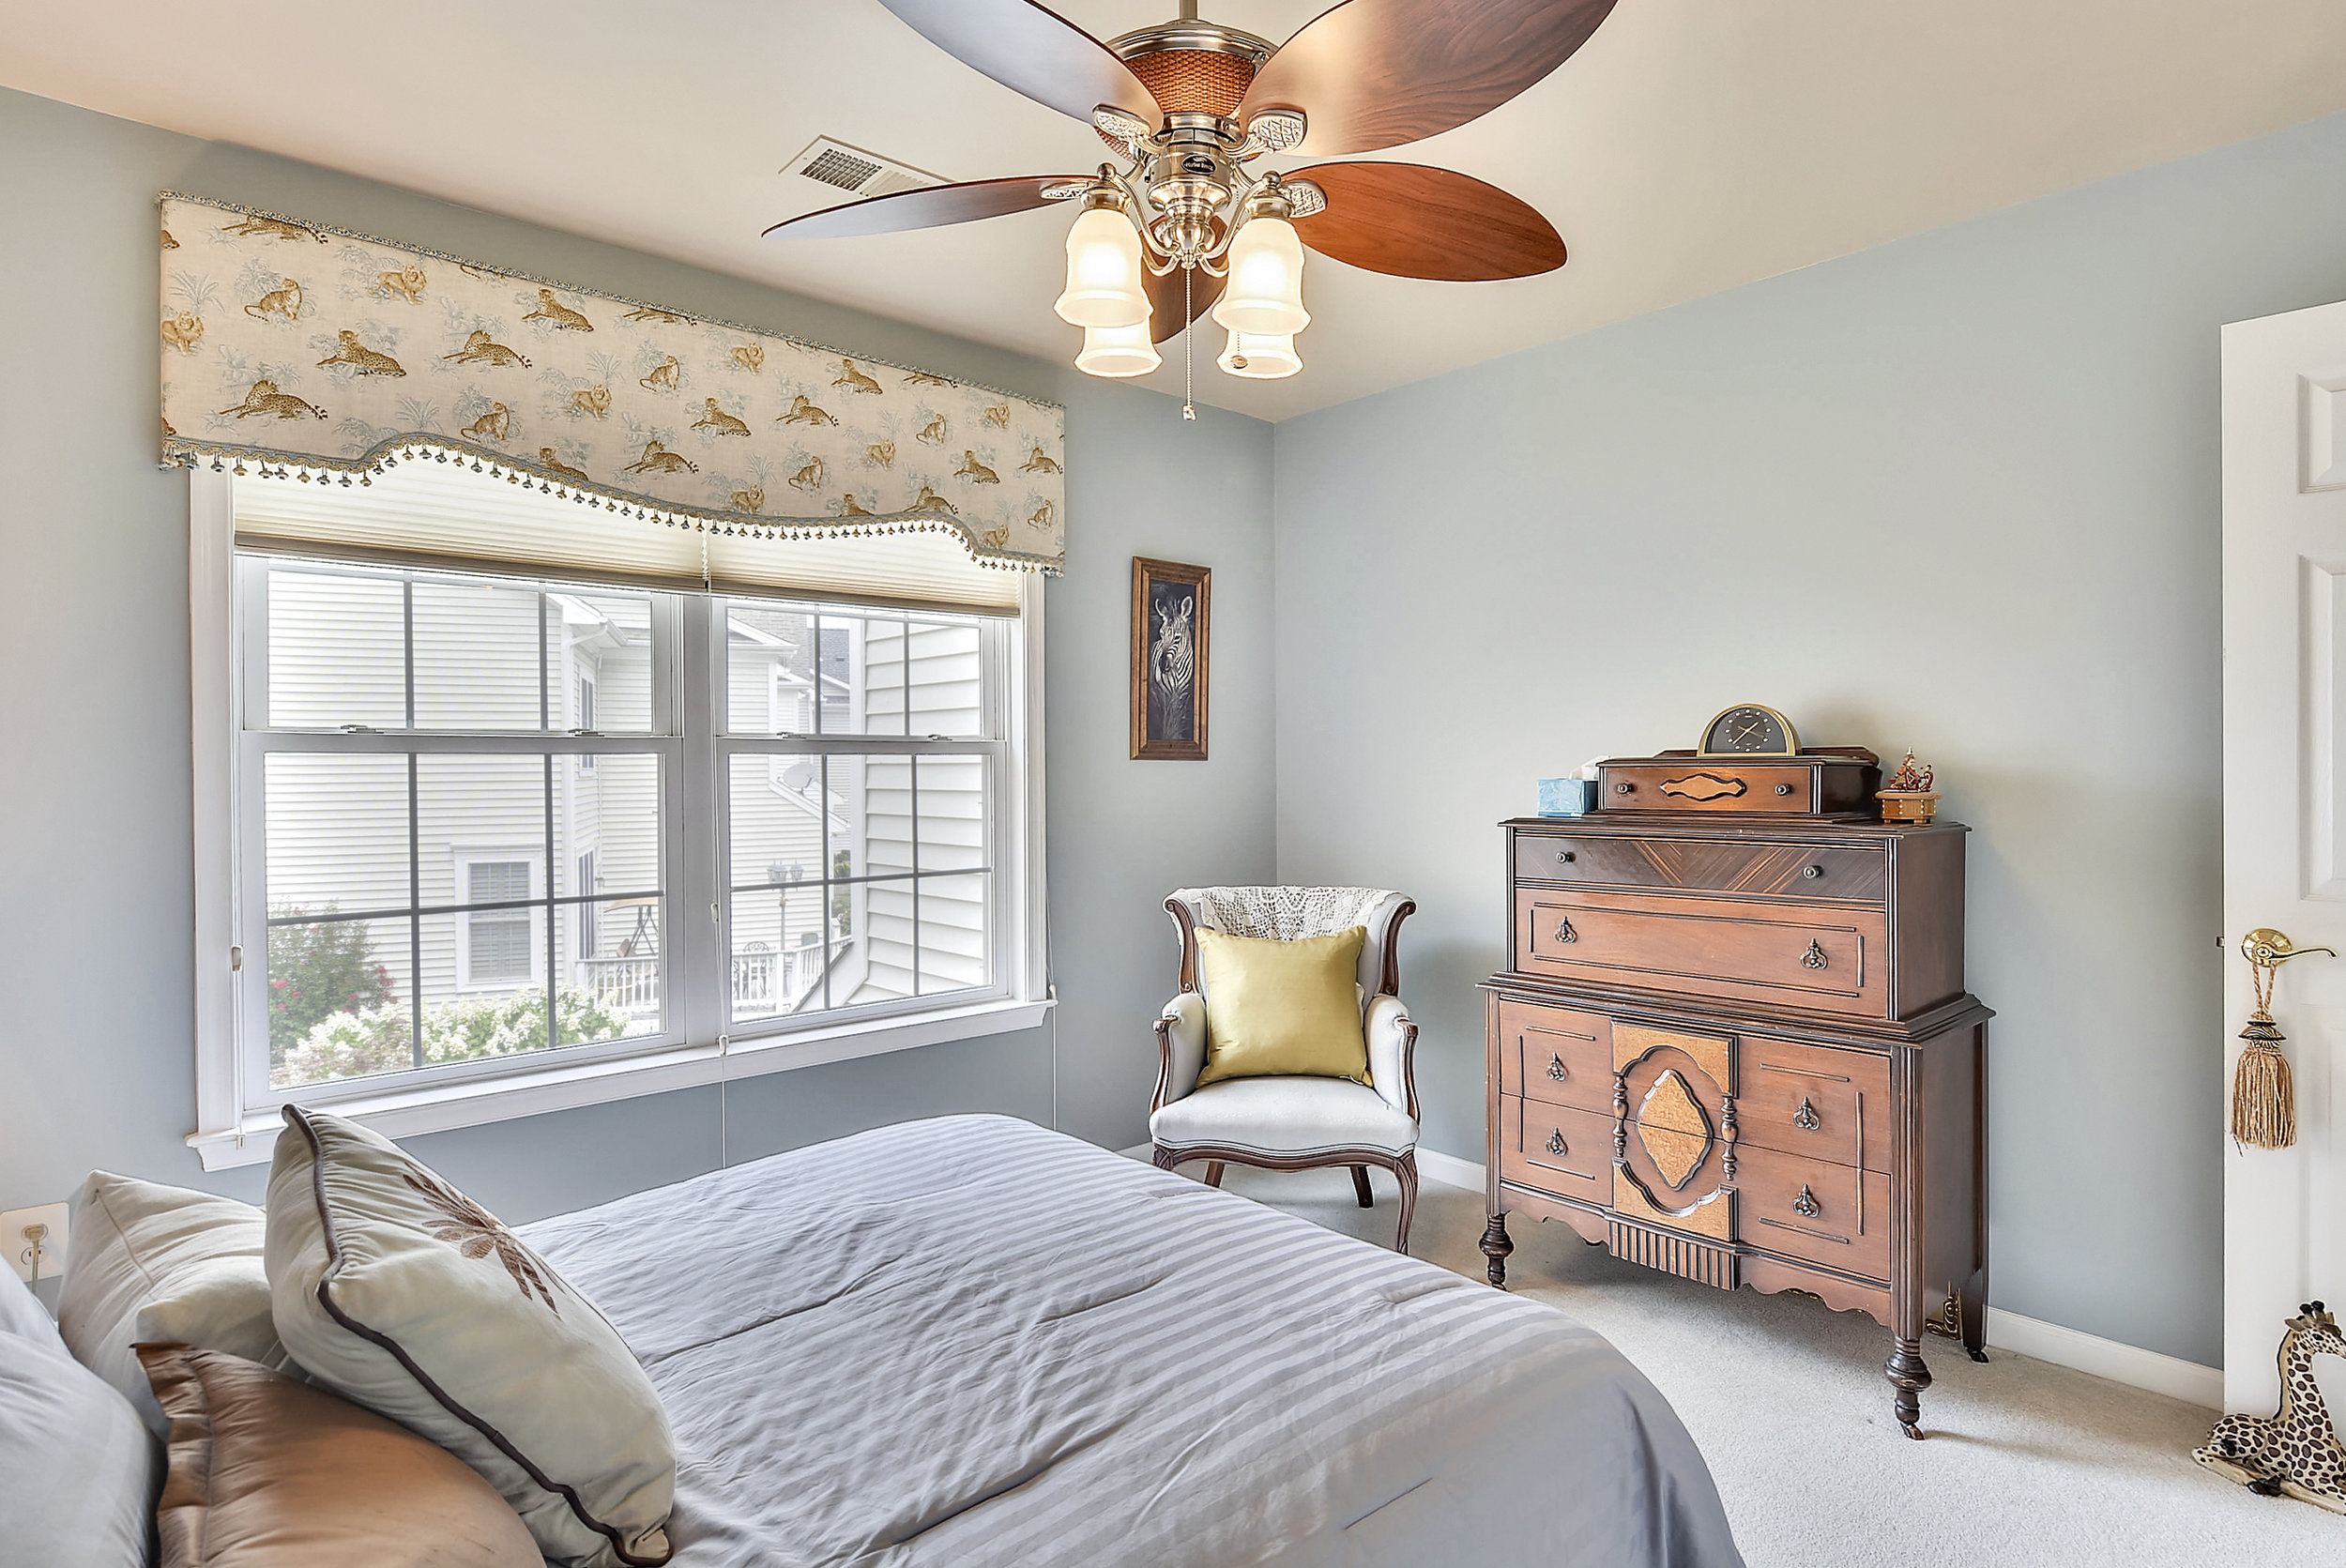 Upper Level 1-Bedroom-_DSC6550.JPG